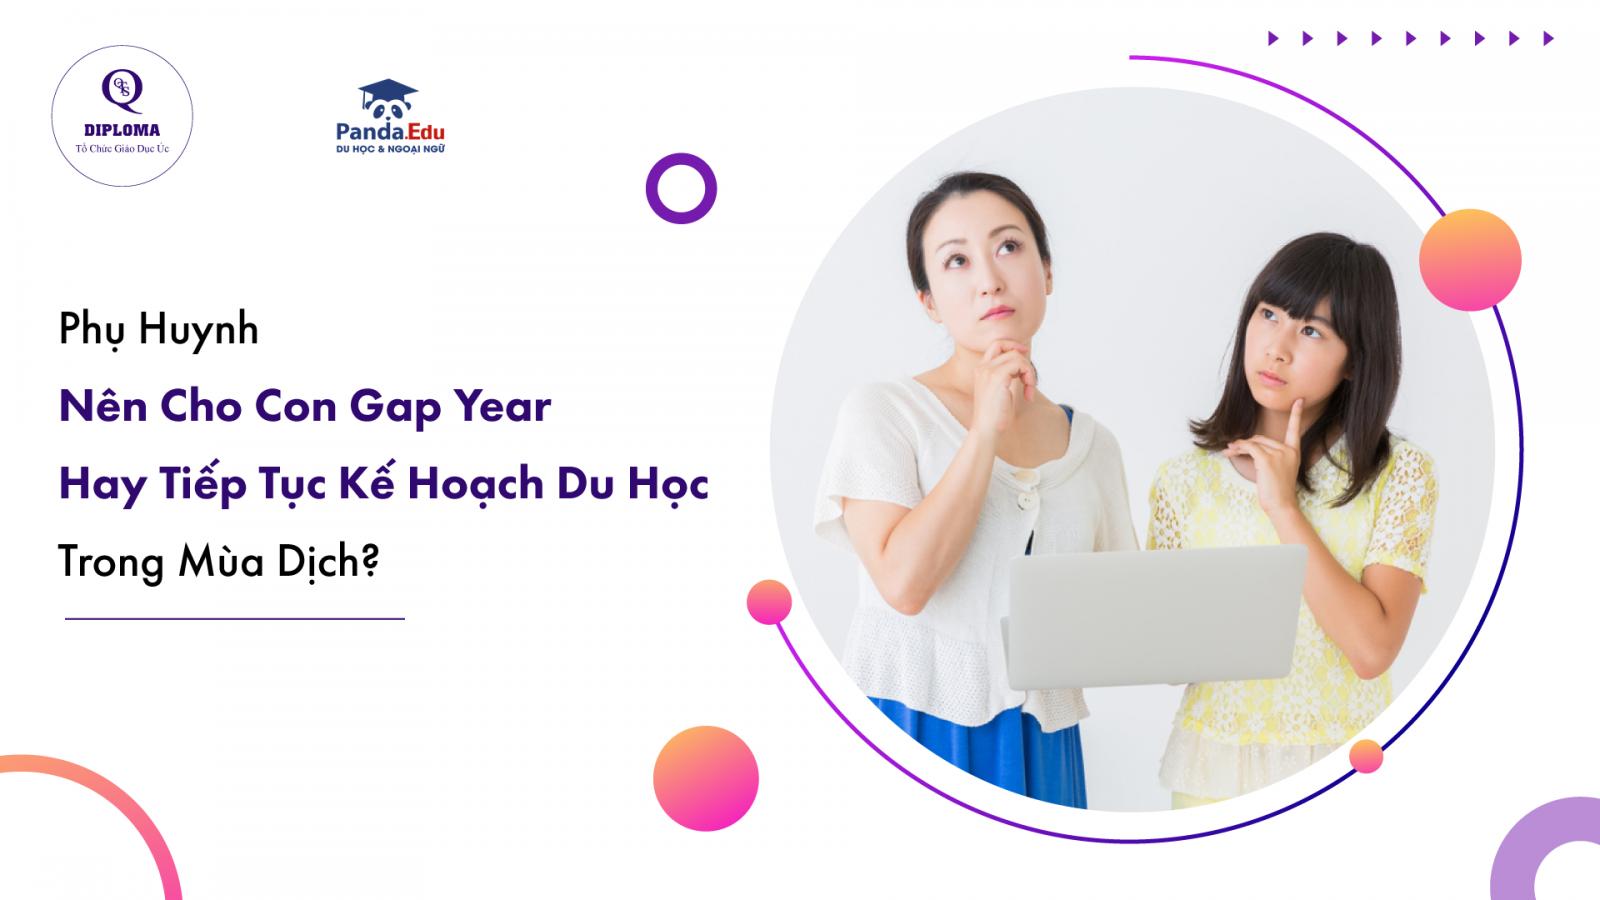 Phụ Huynh Nên Cho Con Gap Year Hay Tiếp Tục Kế Hoạch Du Học Trong Mùa Dịch?